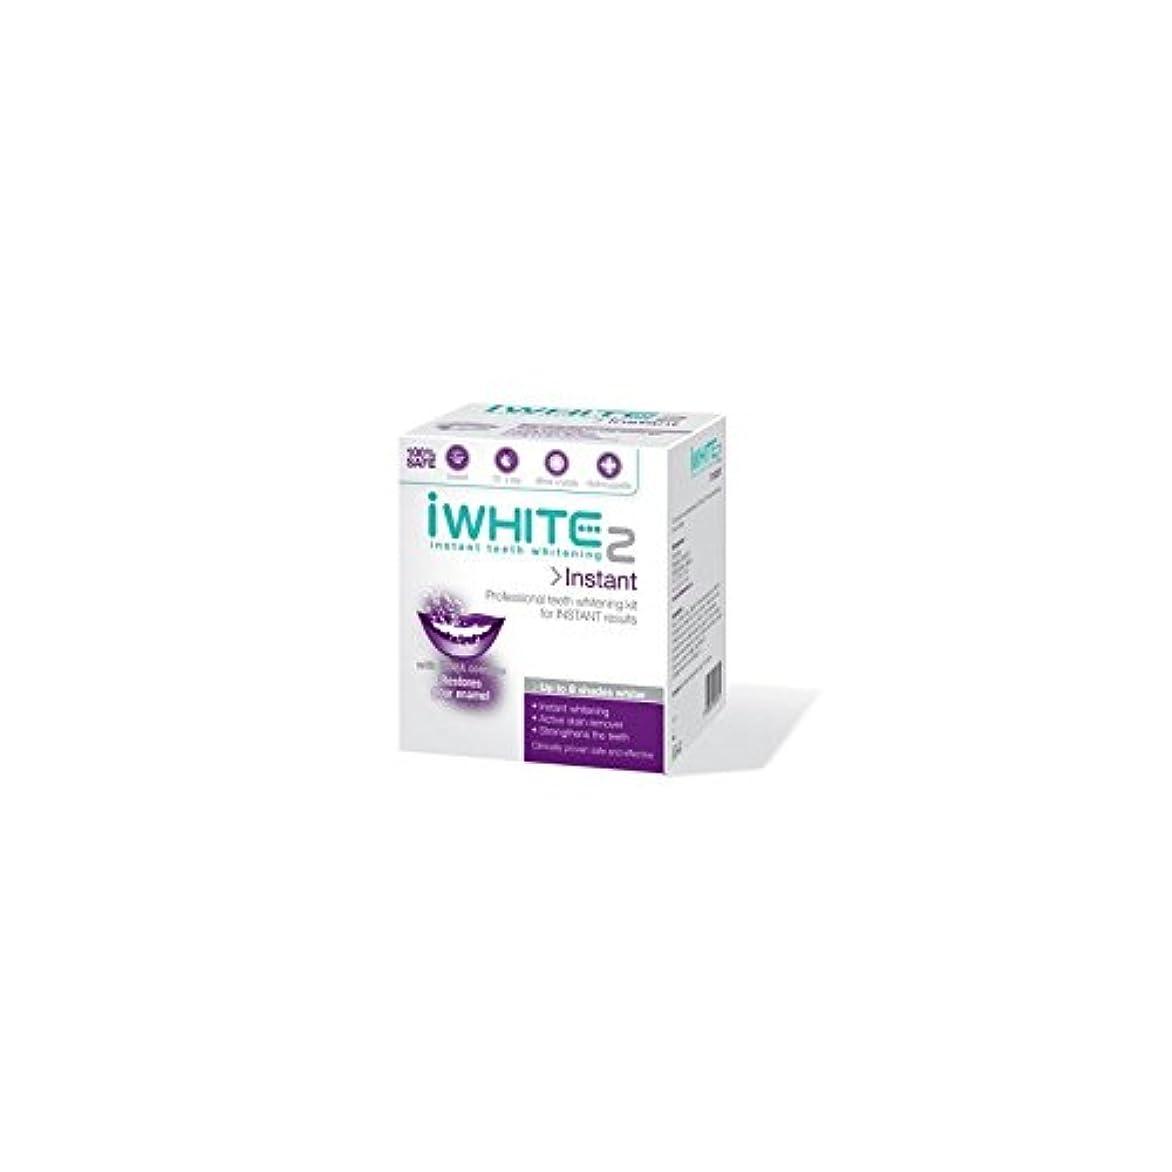 科学的ジェーンオースティンもっと少なくiWhite Instant 2 Professional Teeth Whitening Kit (10 Trays) (Pack of 6) - インスタントキットを白く2本のプロ歯(10トレイ) x6 [並行輸入品]